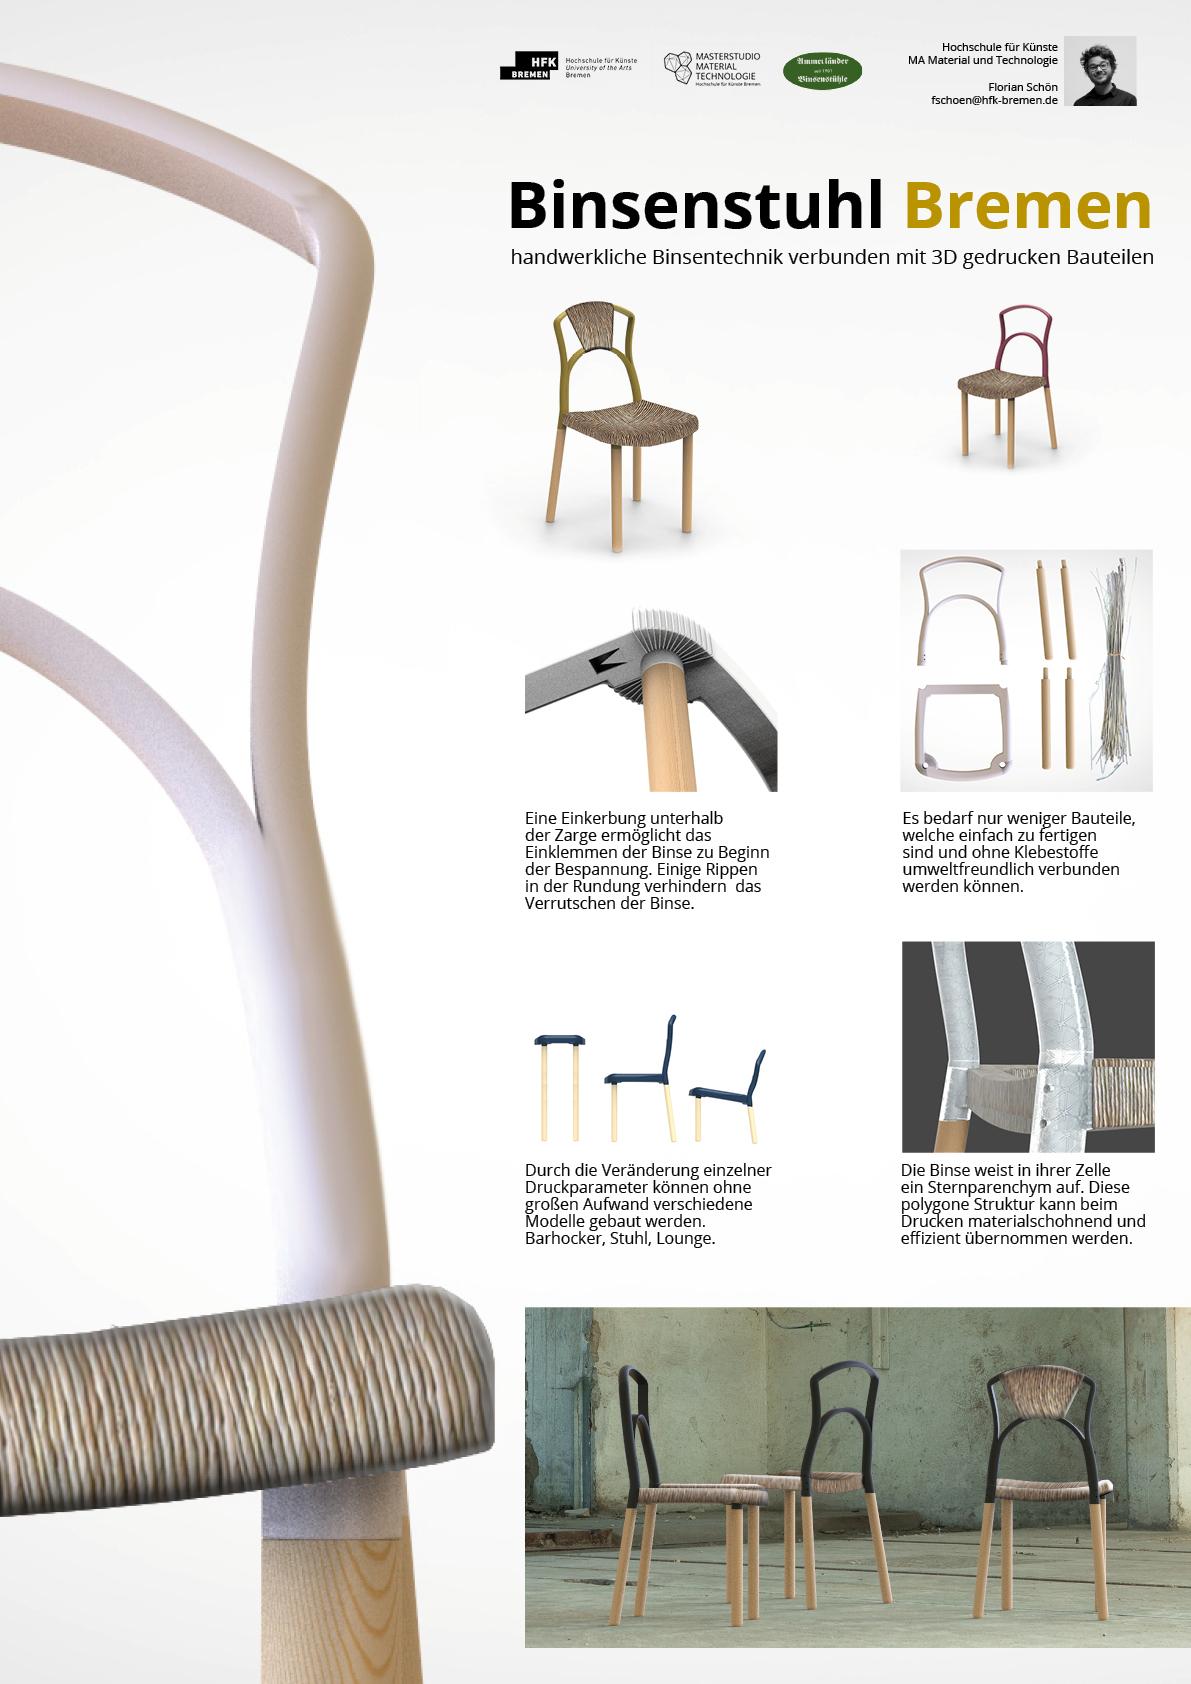 Binsenstuhl bremen m a material und technologie for Produktdesign bremen